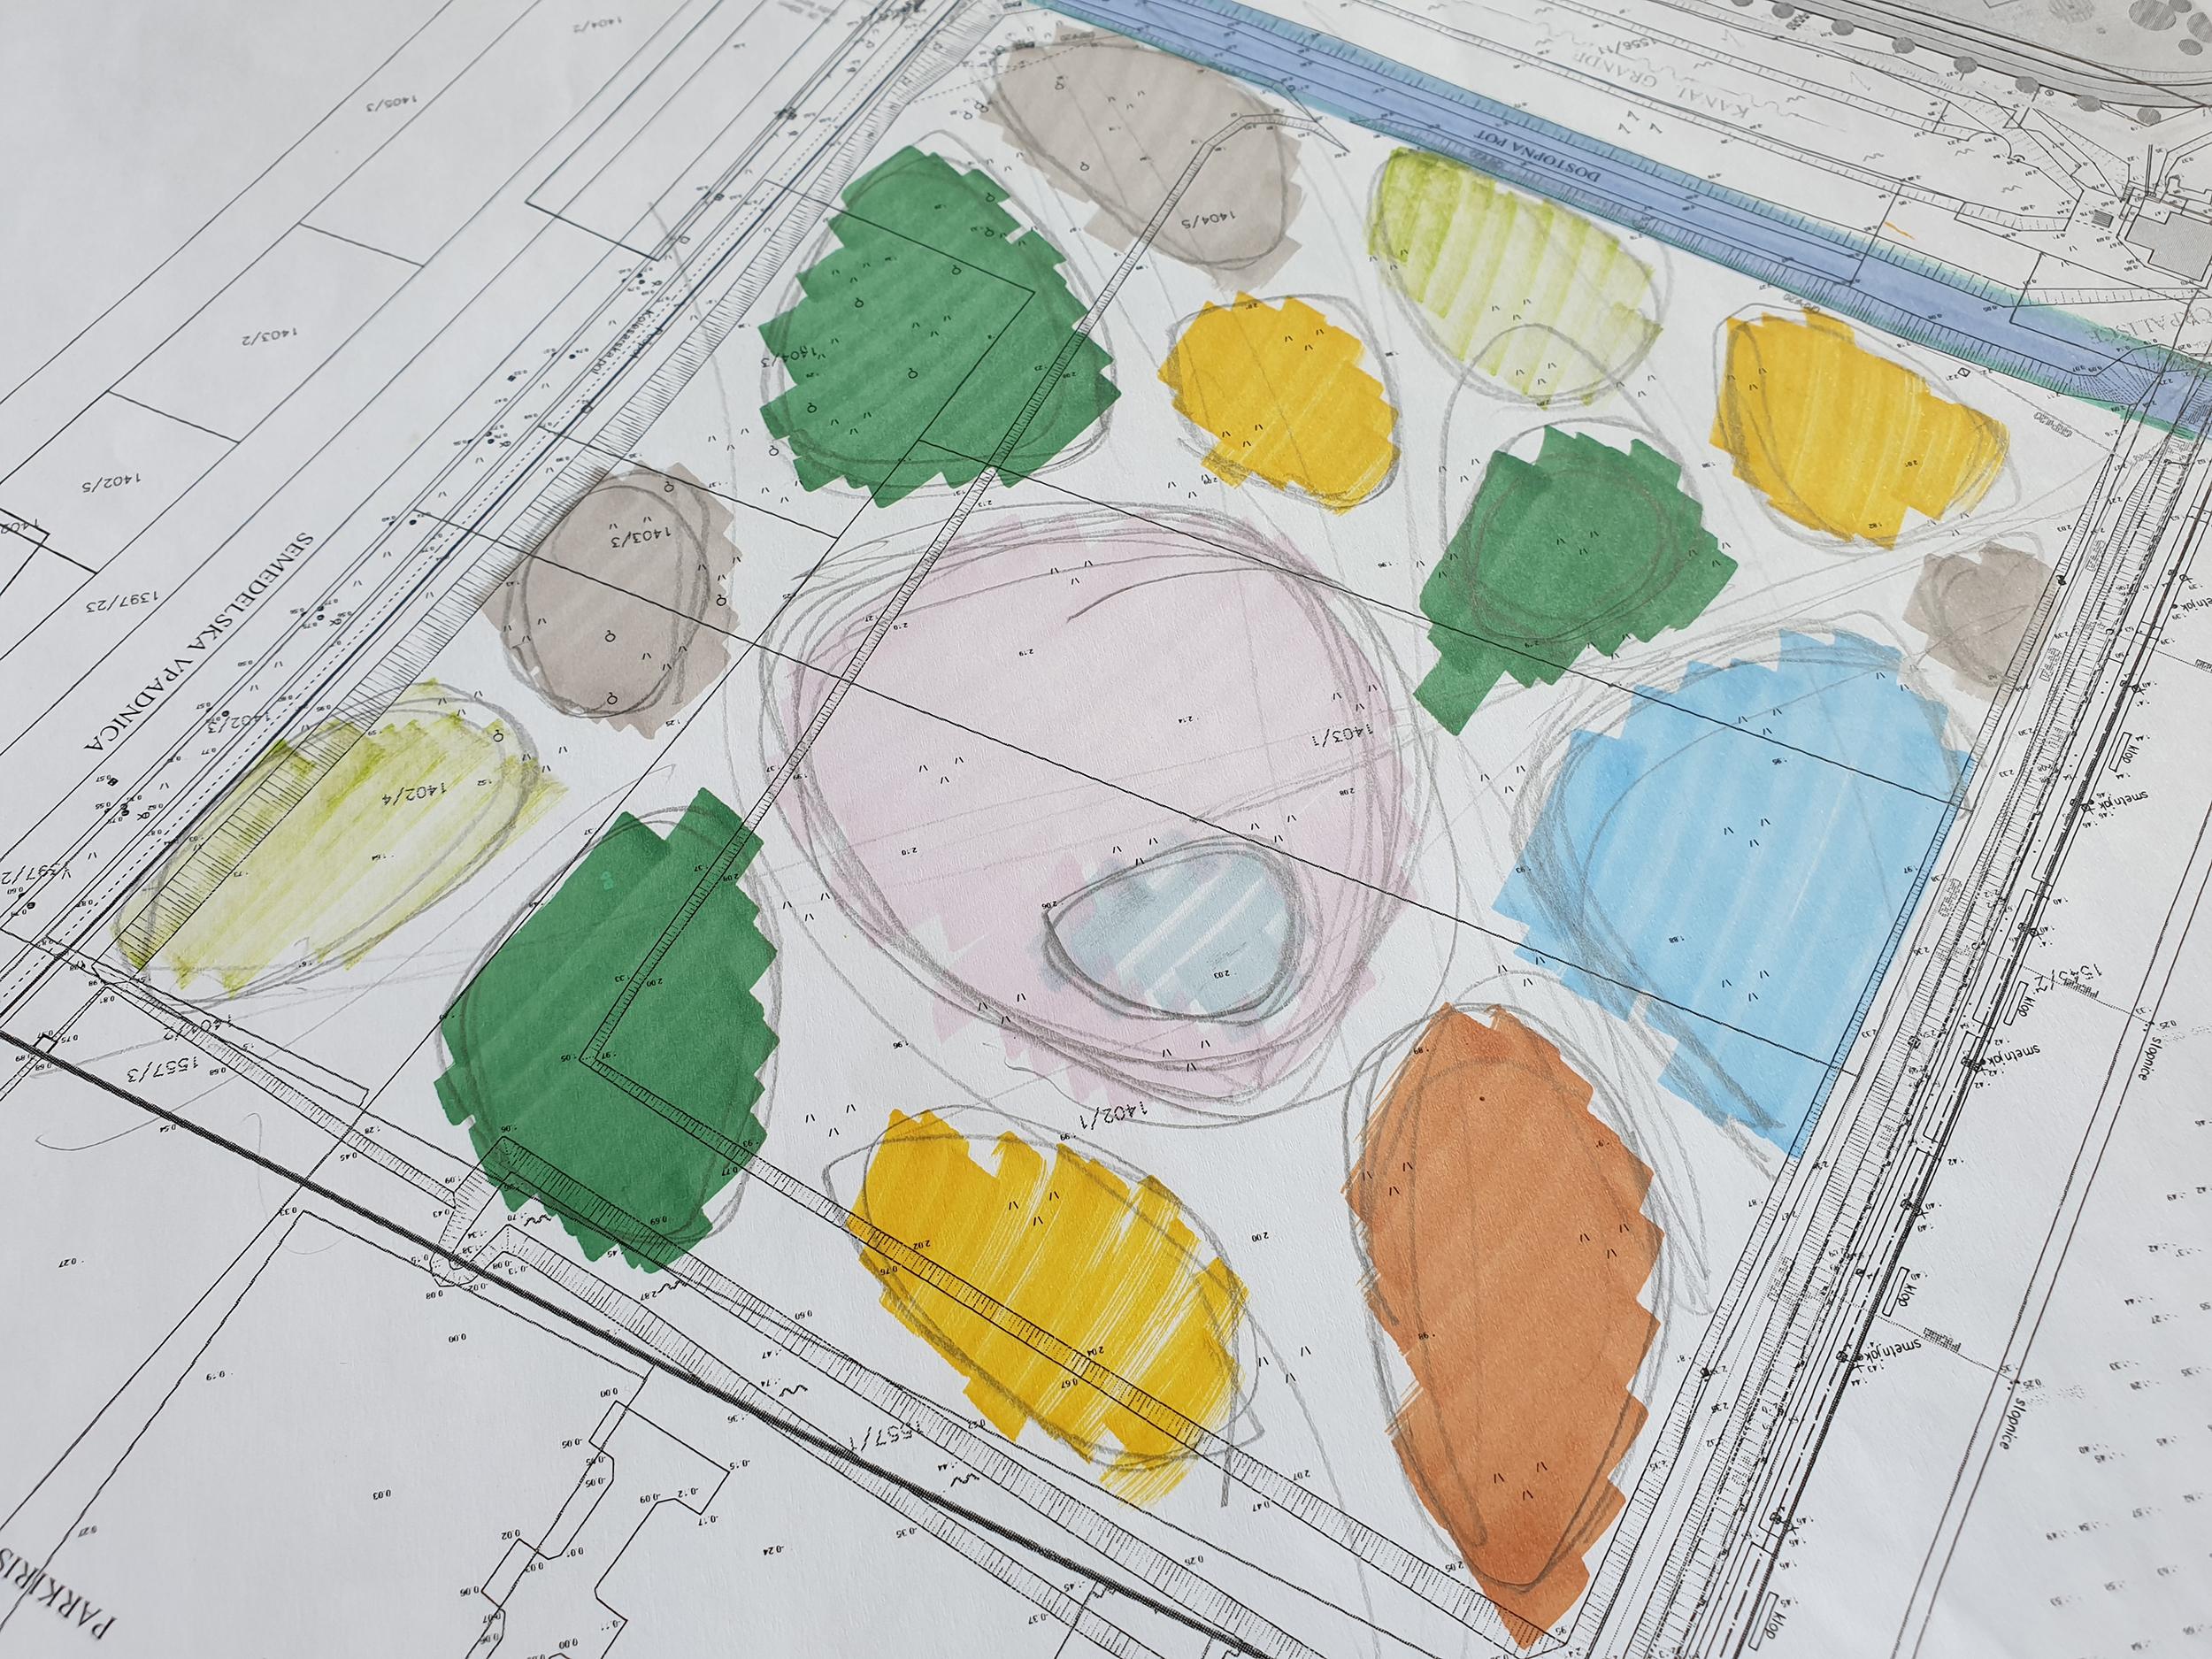 bruto krajinska arhitektura landscape design zasnova skica sketch